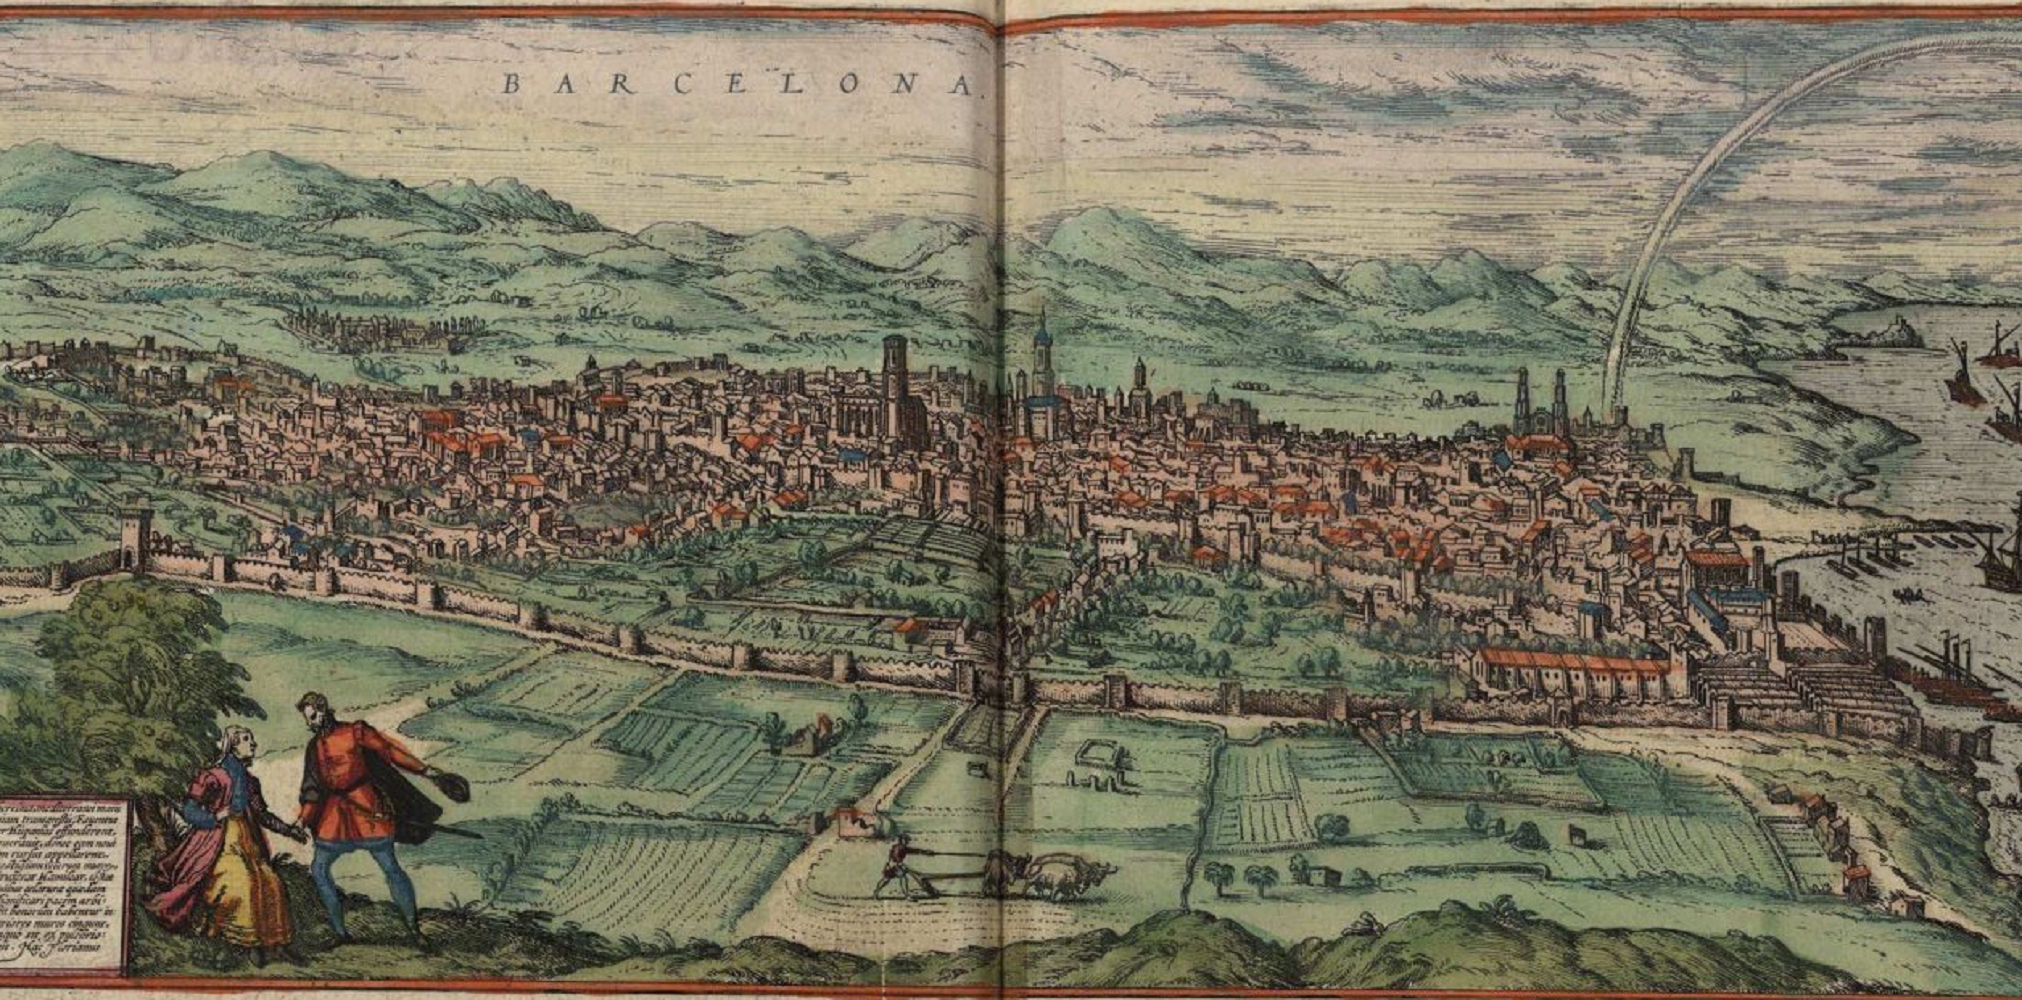 Test 25. La immigració occitana del barroc. Gravat de Barcelona (1572) obra dels cartografs alemanys Braun i Hohenberg. Font Wikimedia